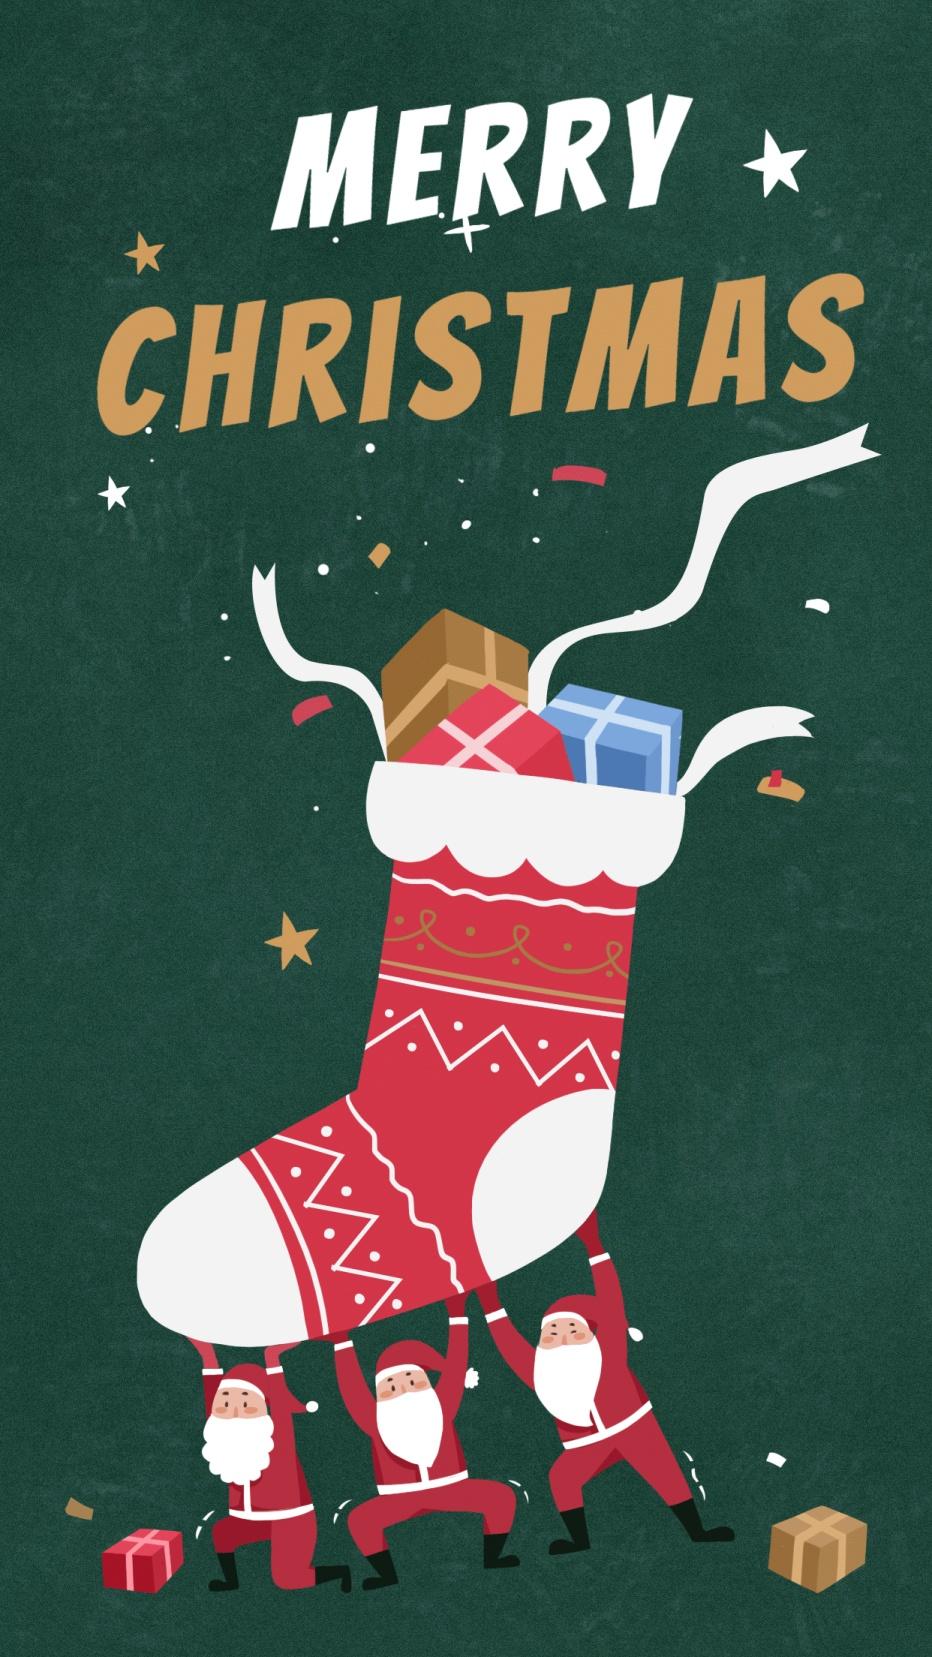 圣诞平安夜祝福手绘插画手机壁纸